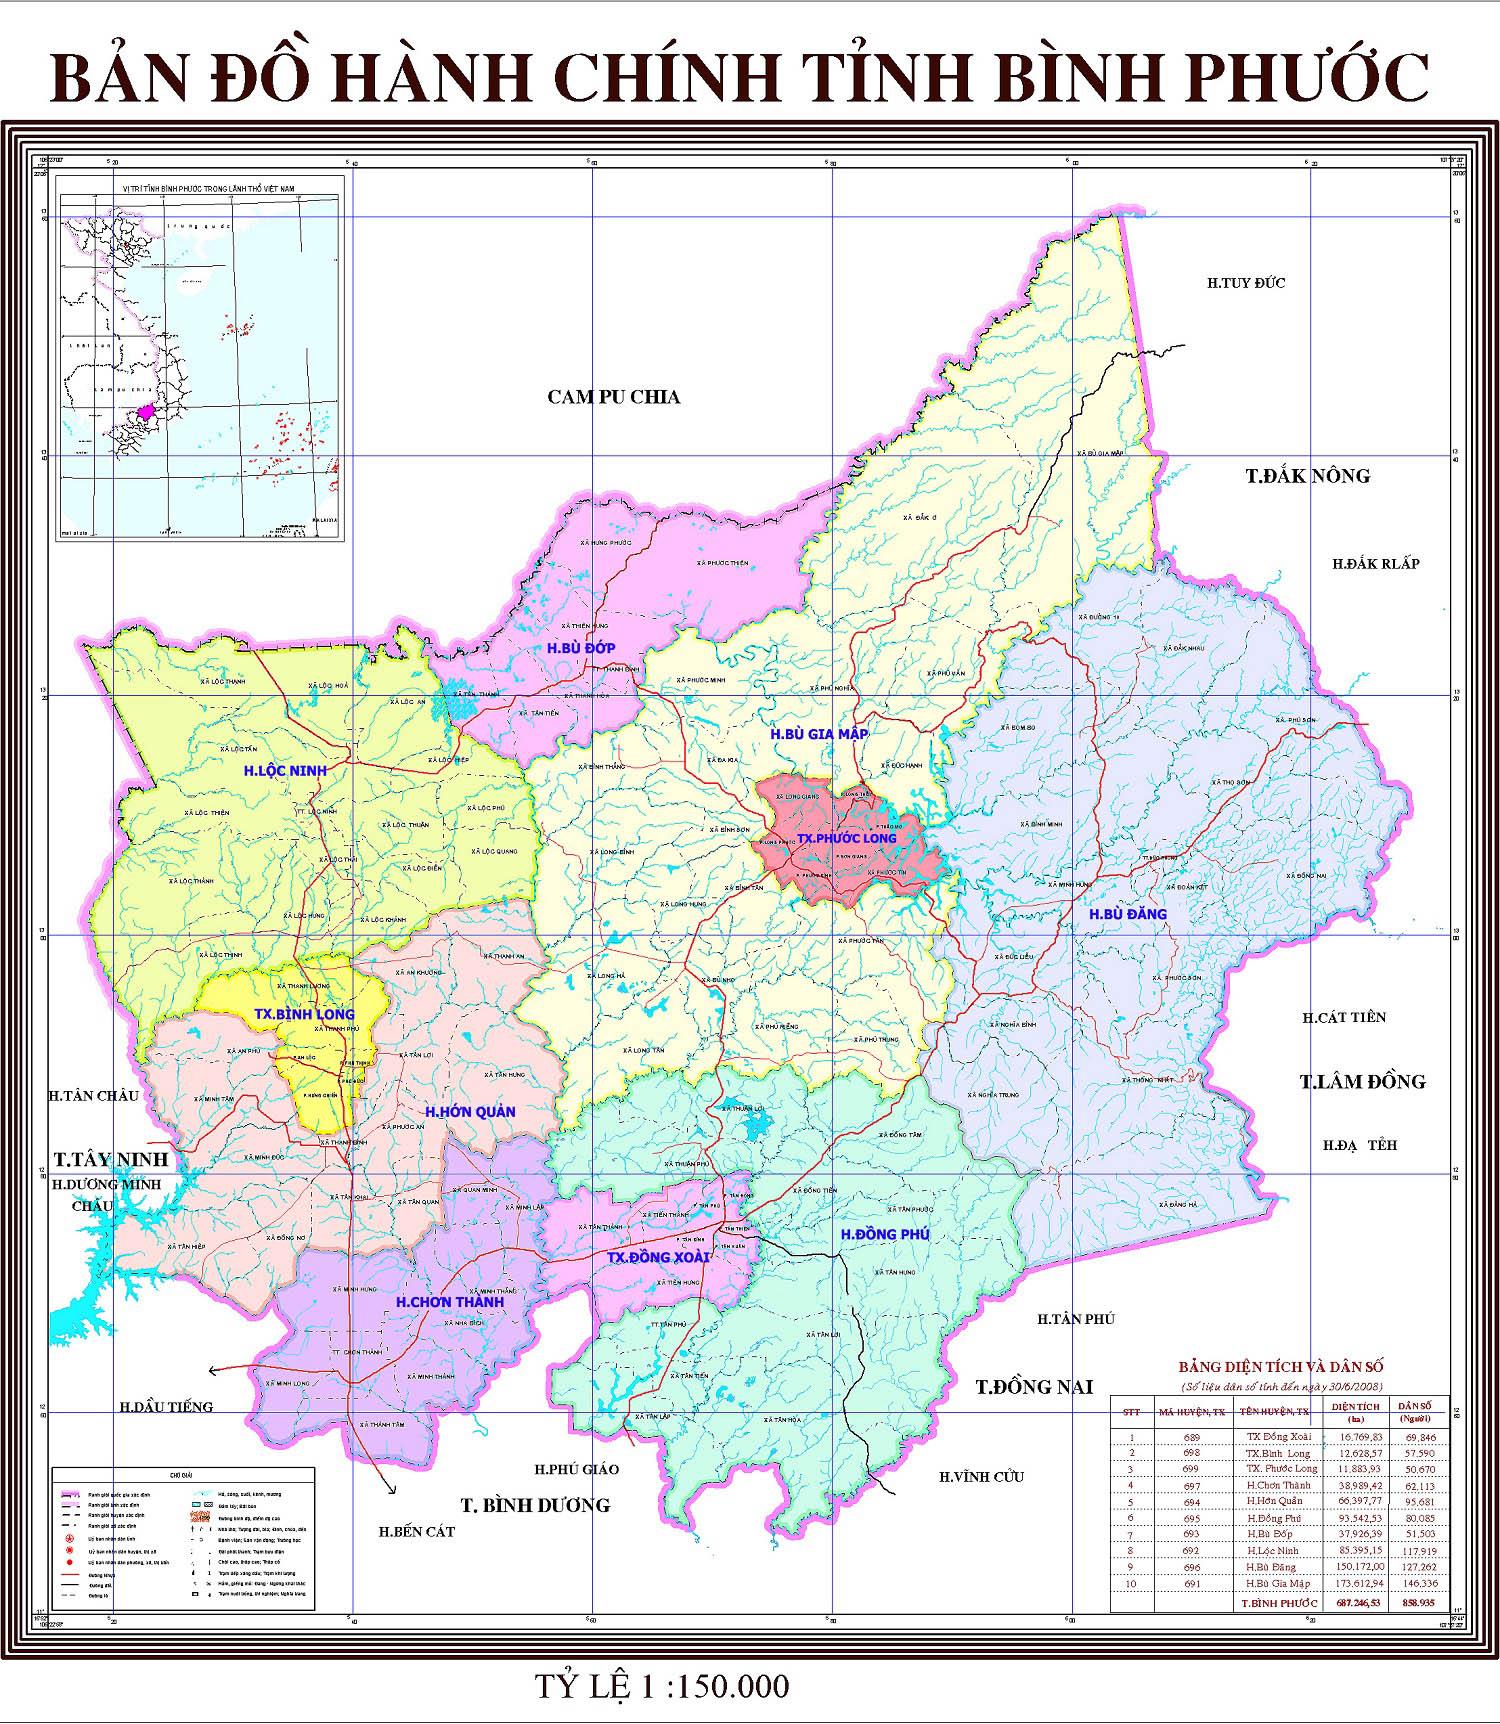 Bảng giá nhà đất Bình Phước từ năm 2015 đến 2020 3